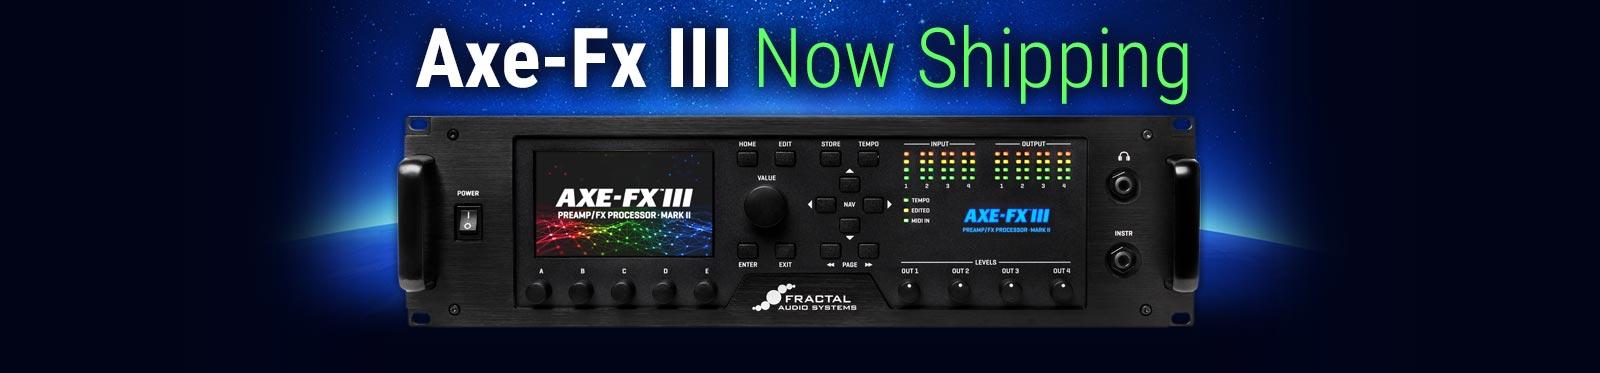 Axe-Fx III Mark II Now Shipping